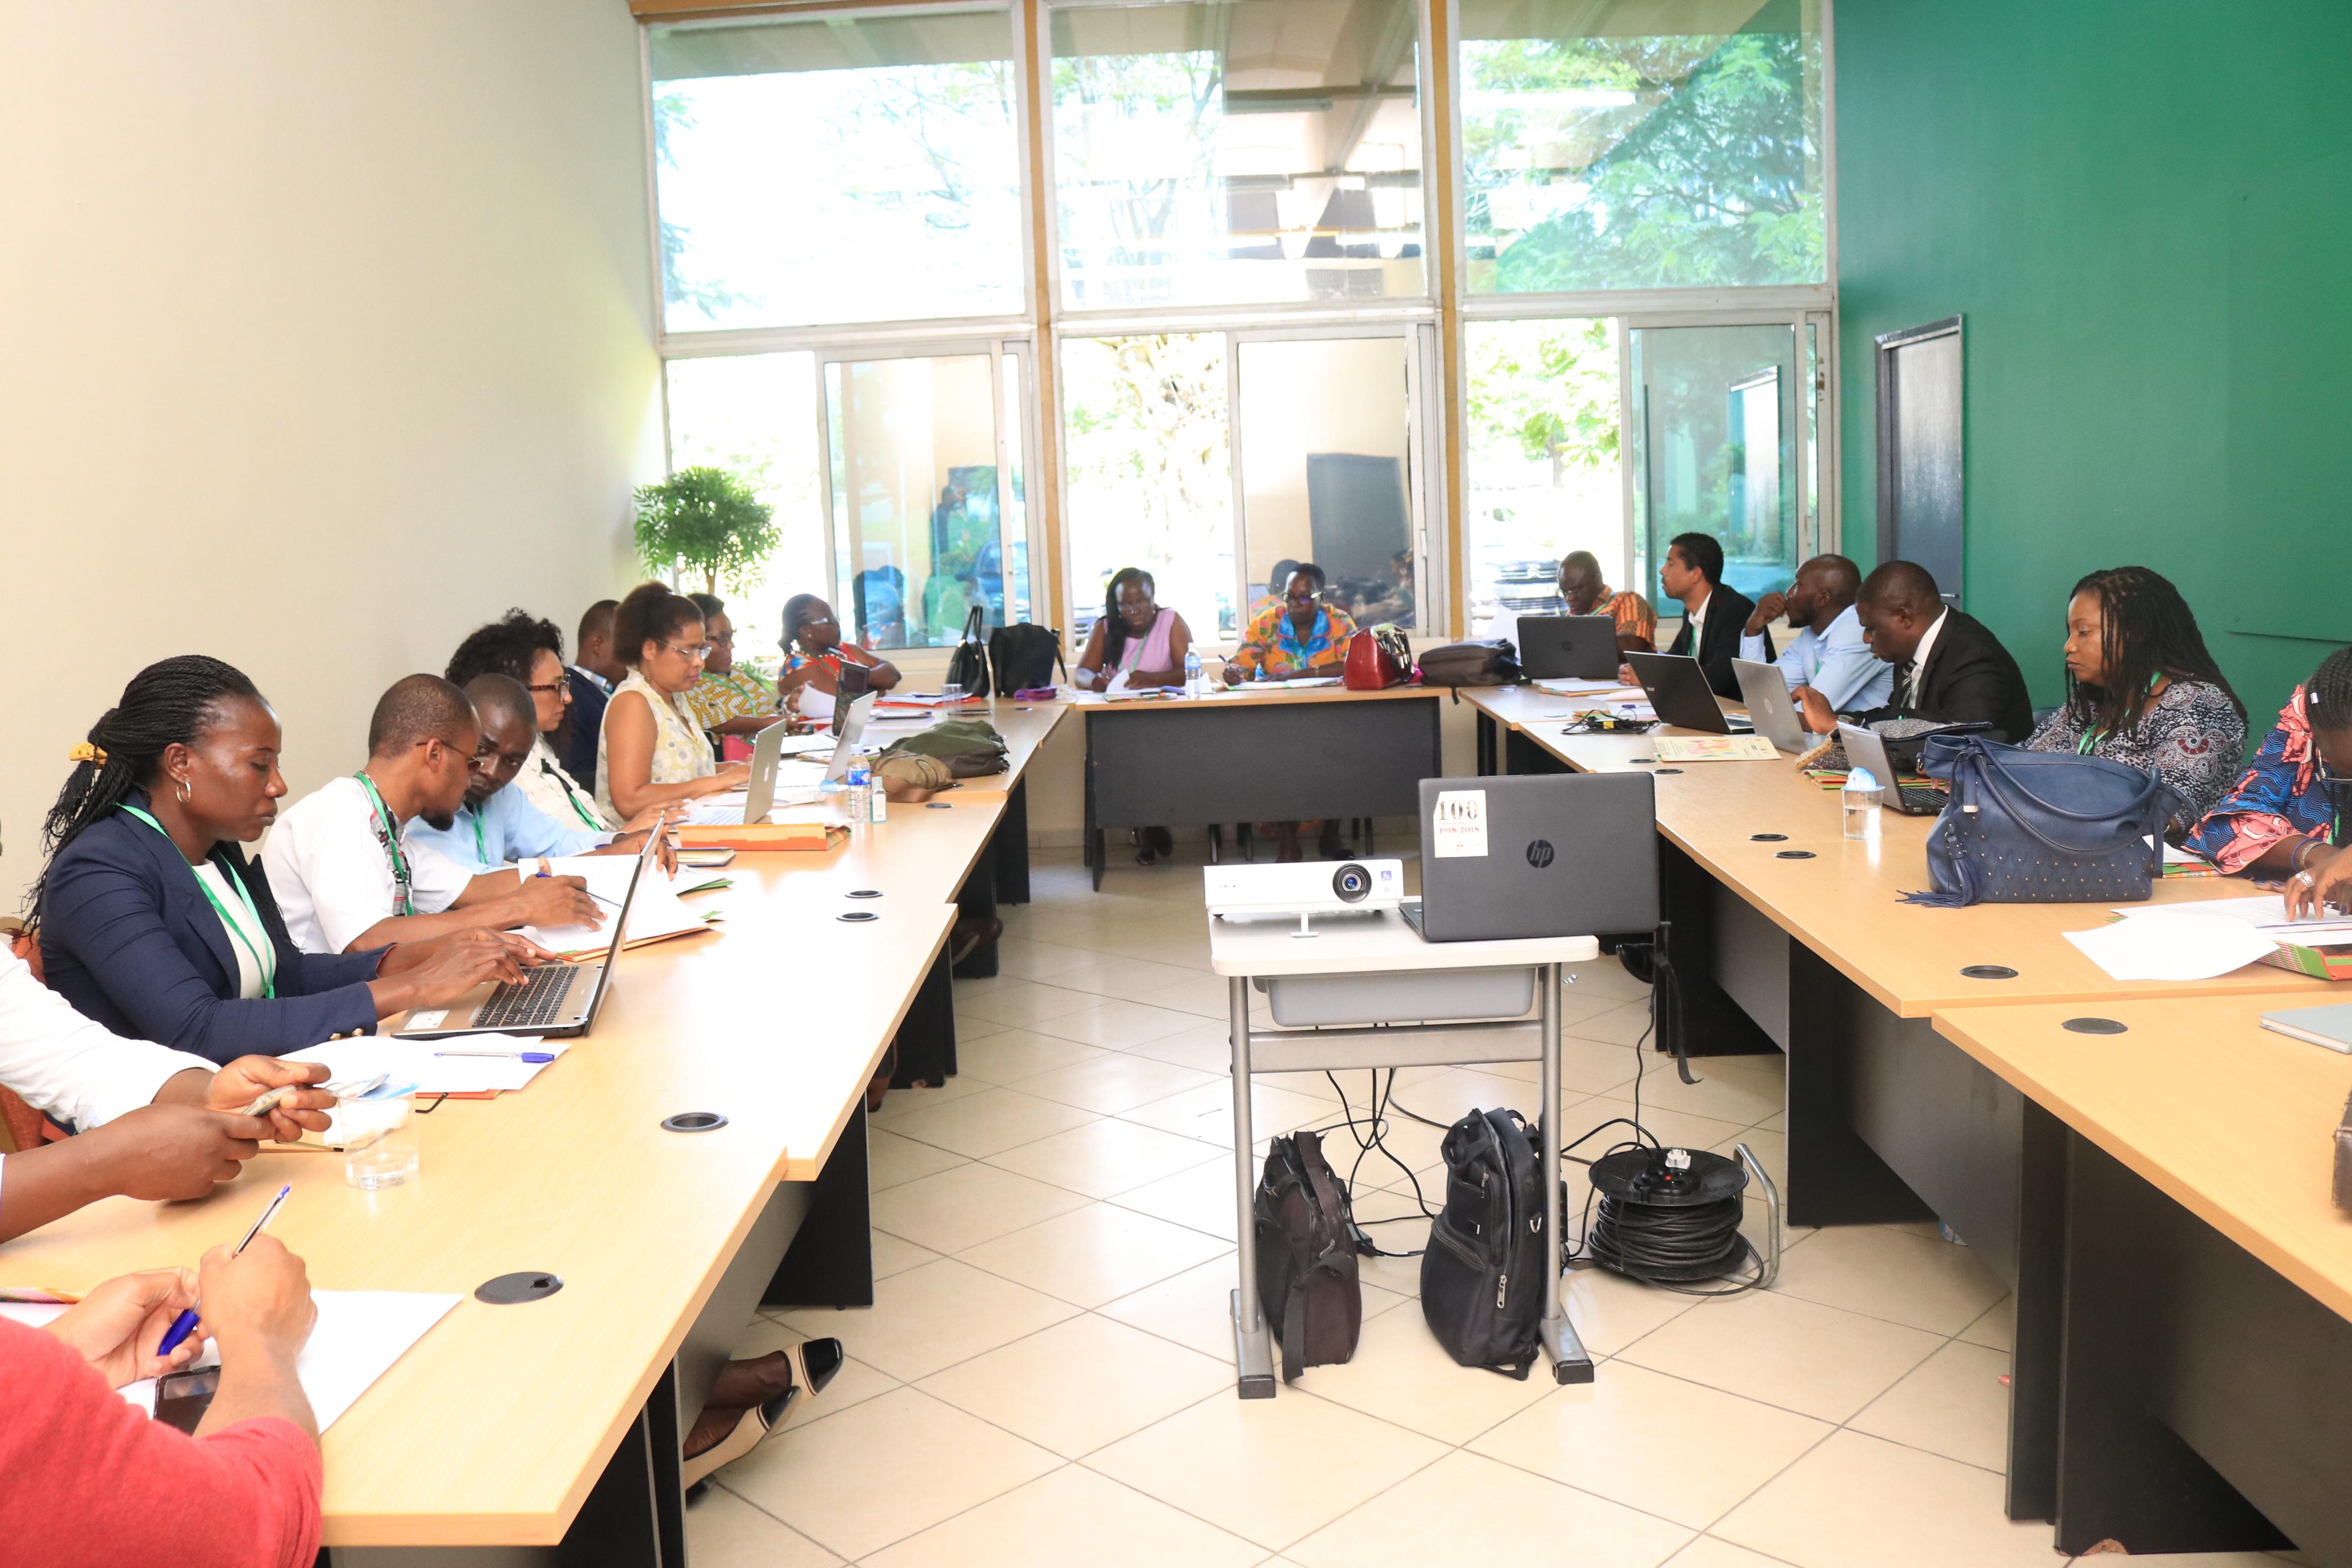 Congrès d'Abidjan 2019 - 11